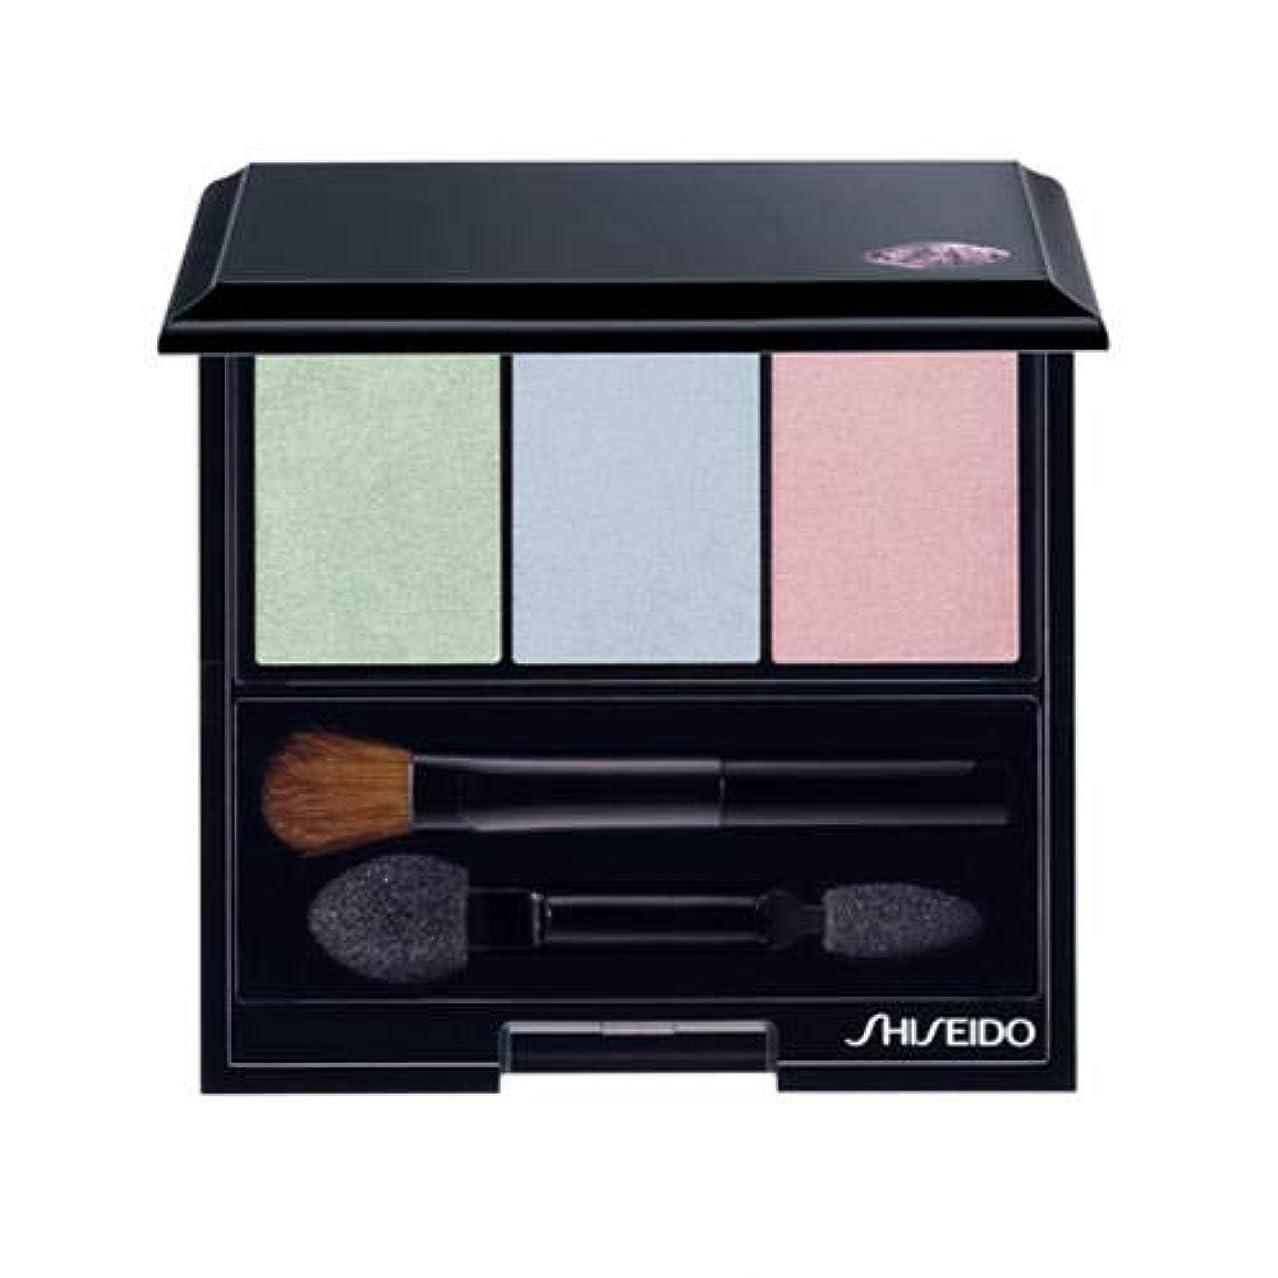 しなやか世界思いやり資生堂 ルミナイジング サテン アイカラー トリオ BL215(Shiseido Luminizing Satin Eye Color Trio BL215) [並行輸入品]